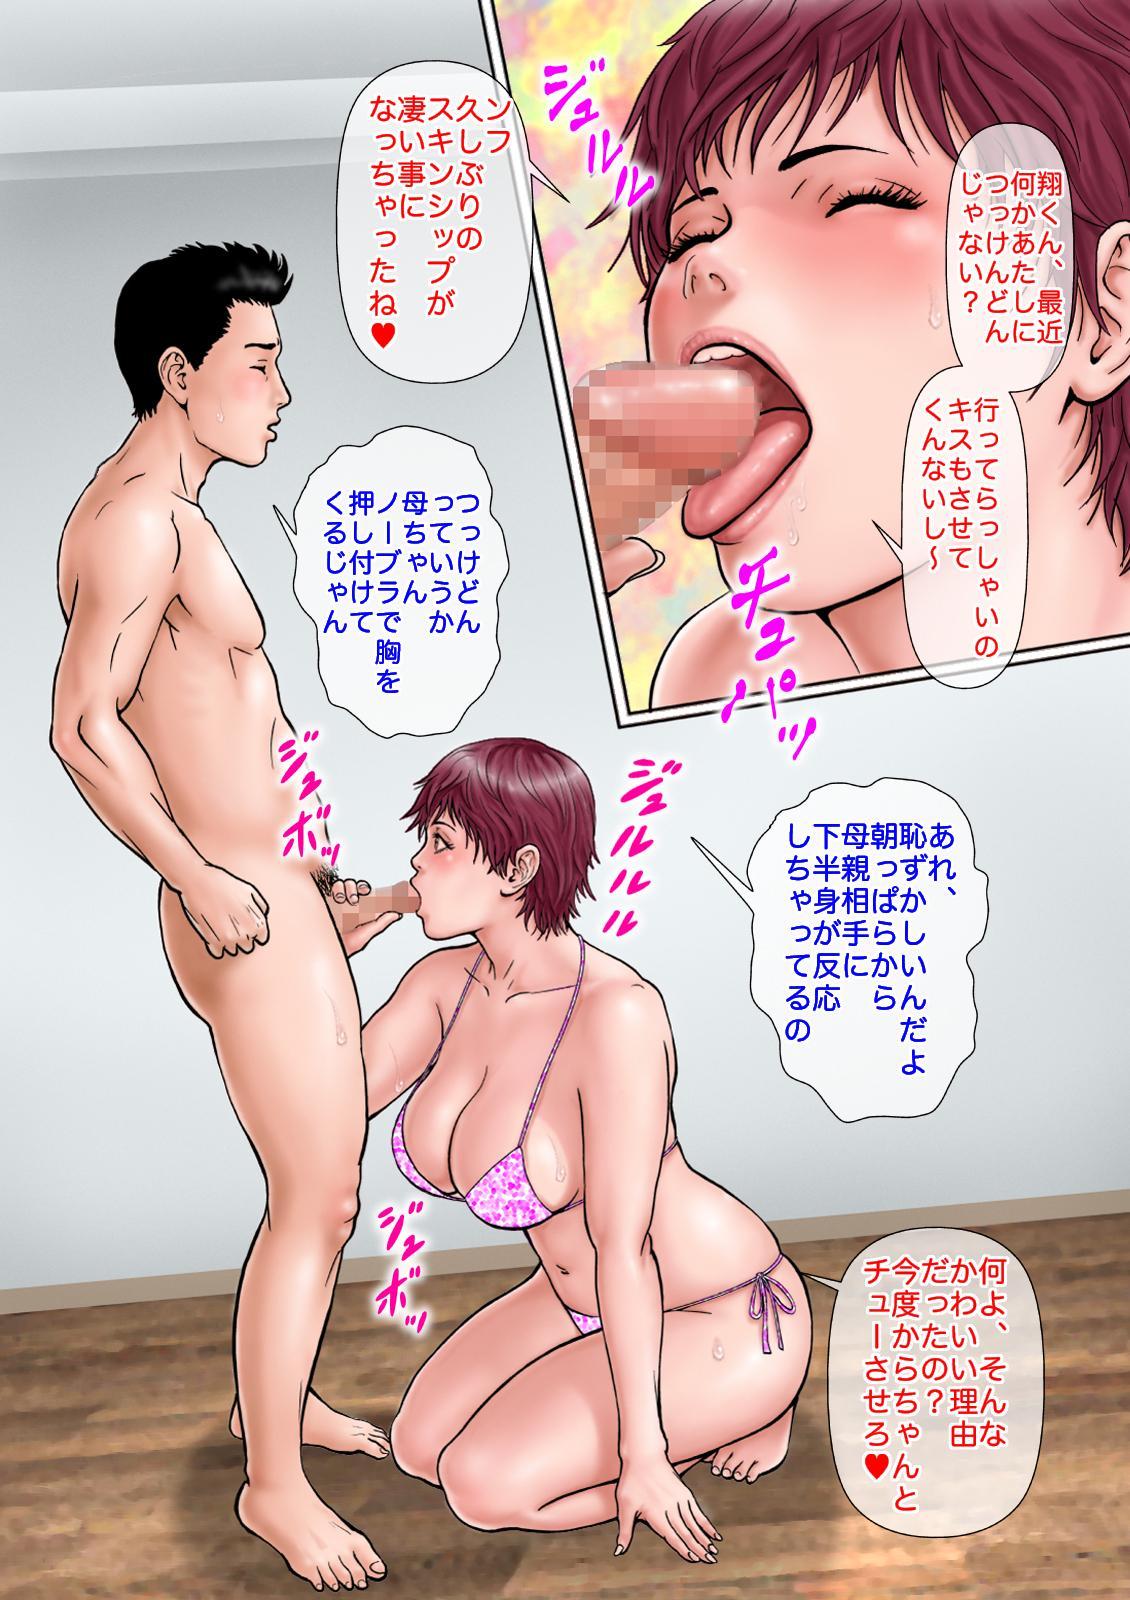 Hahaoya no Mukashi no Mizugi Sugata no Shashin ga Do-Strike Datta 7